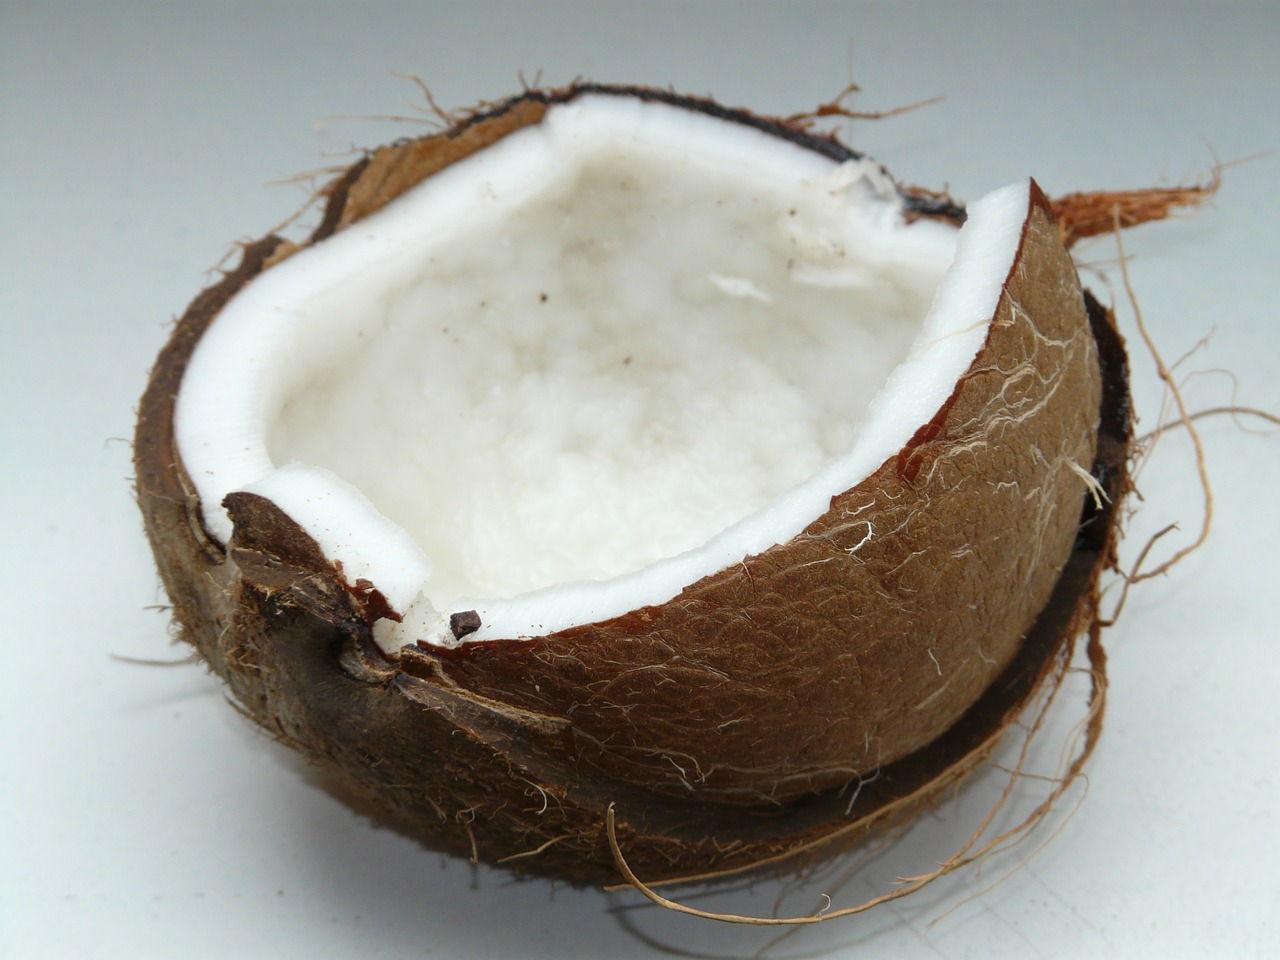 Olej kokosowy ma właściwości prozdrowotne i szerokie zastosowanie w diecie, odchudzaniu i kosmetyce